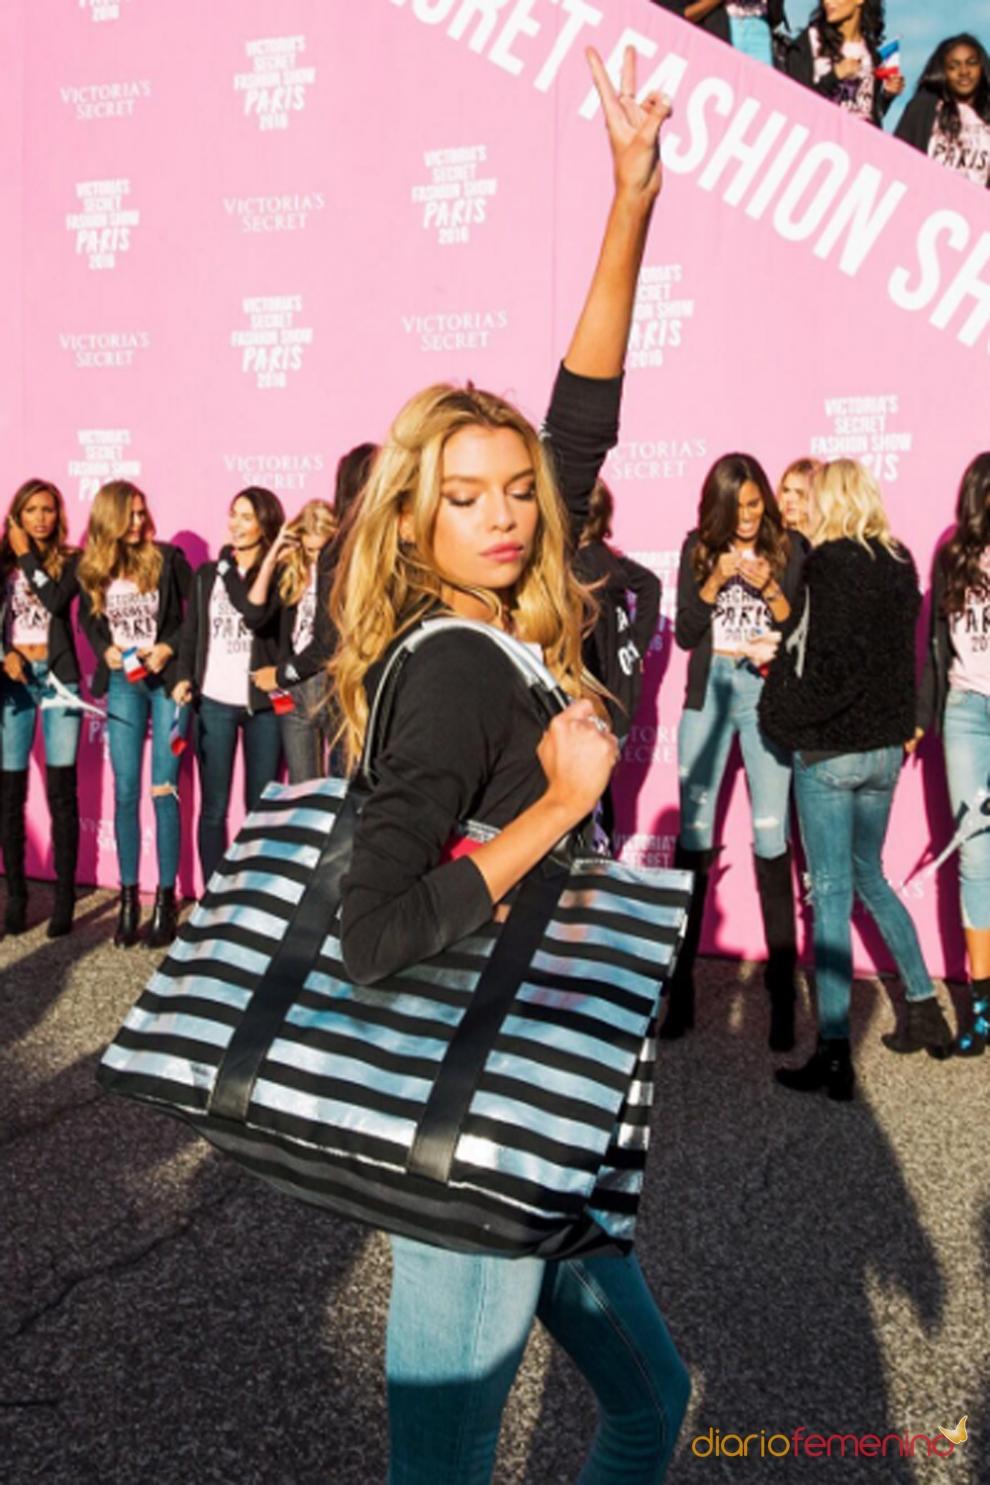 Horóscopo de Victoria's Secret: Stella Maxwell, Tauro según su signo